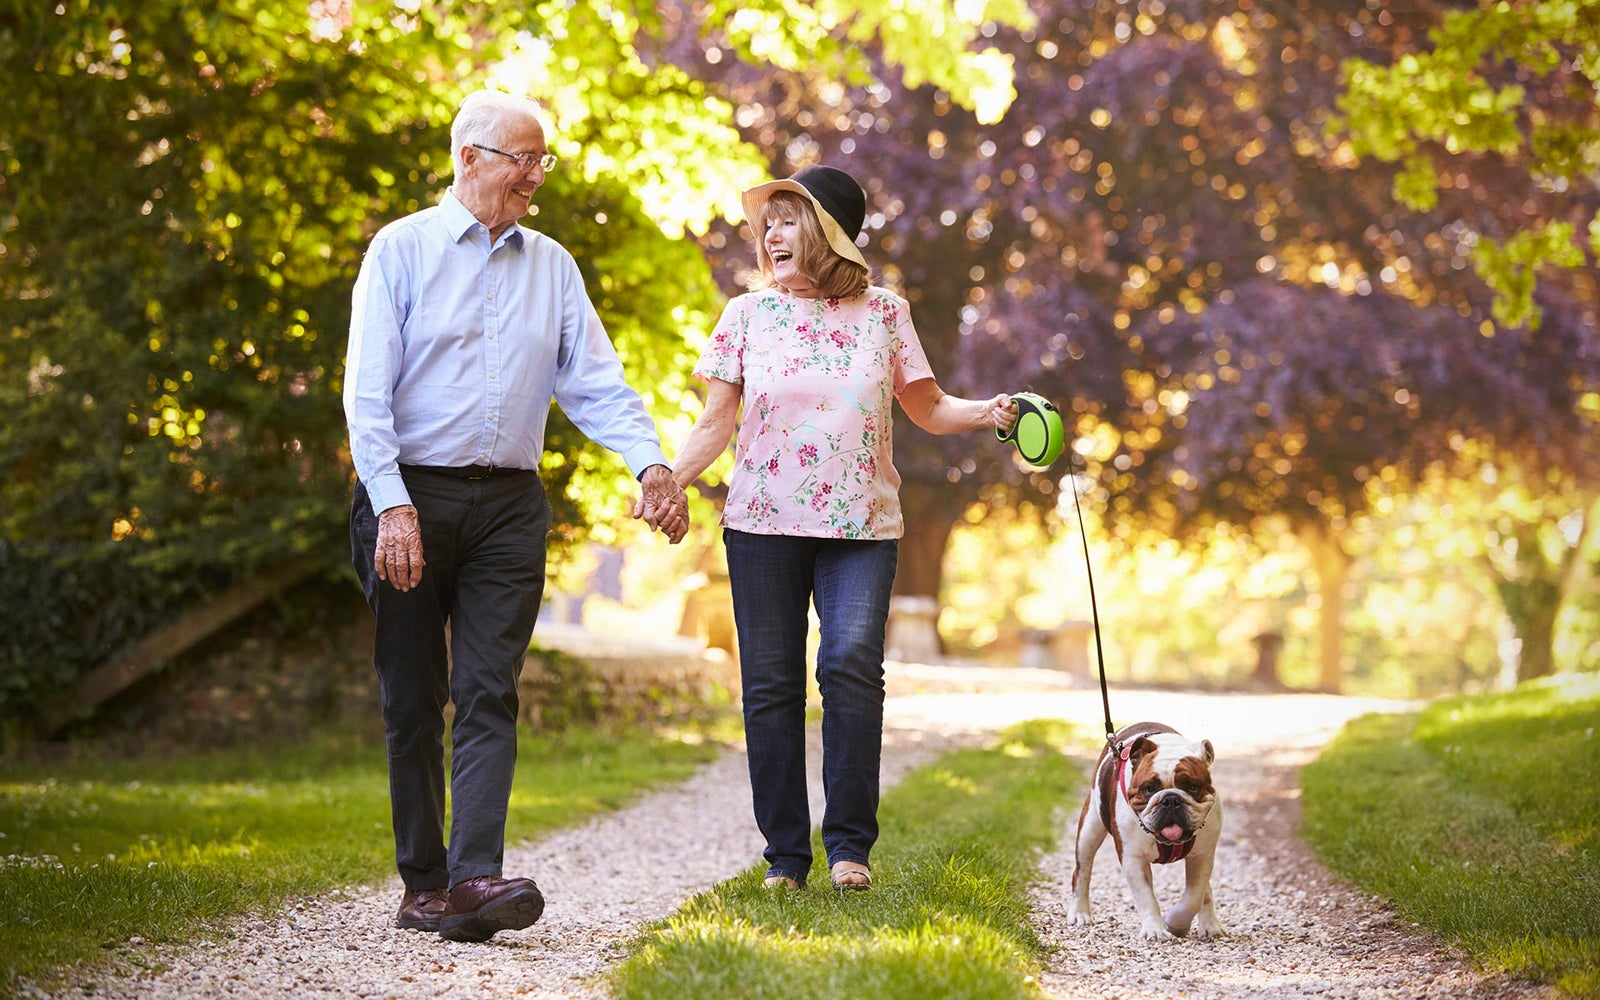 Walkable Neighborhoods High on Boomers' Wish Lists